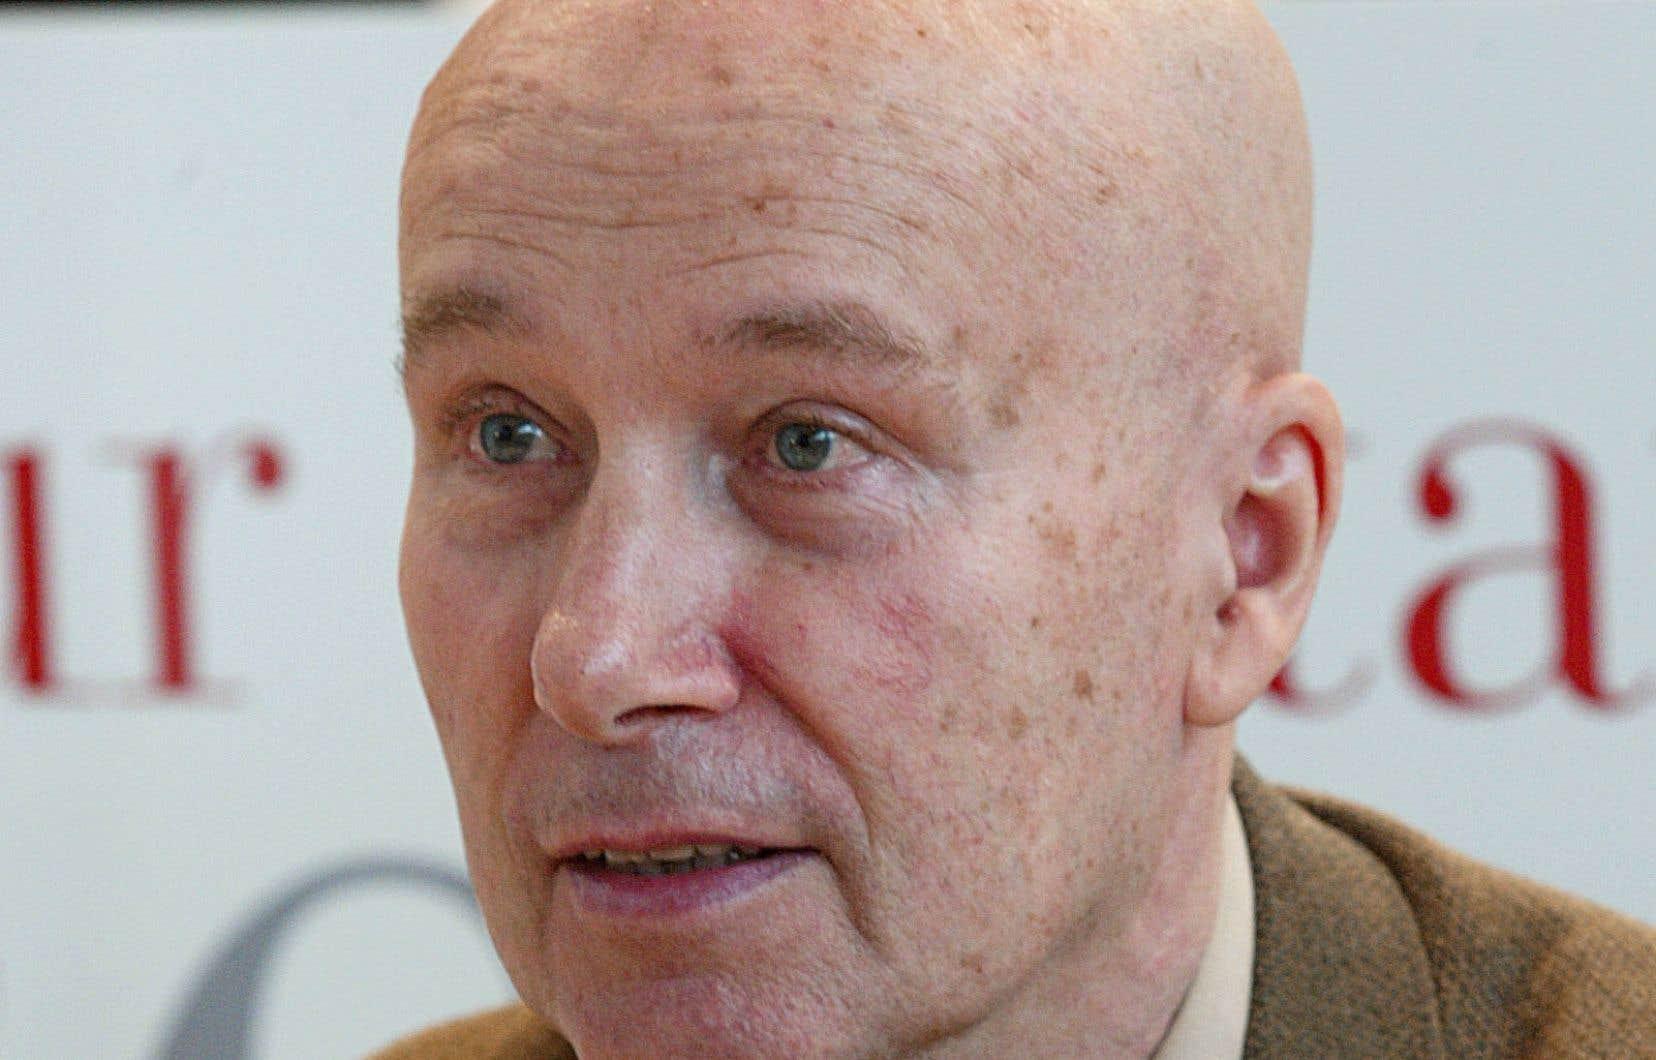 L'association L'Ange bleu attaque en justice Gabriel Matzneff pour «apologie de crime» et pour «provocation à commettre des délits et des crimes».